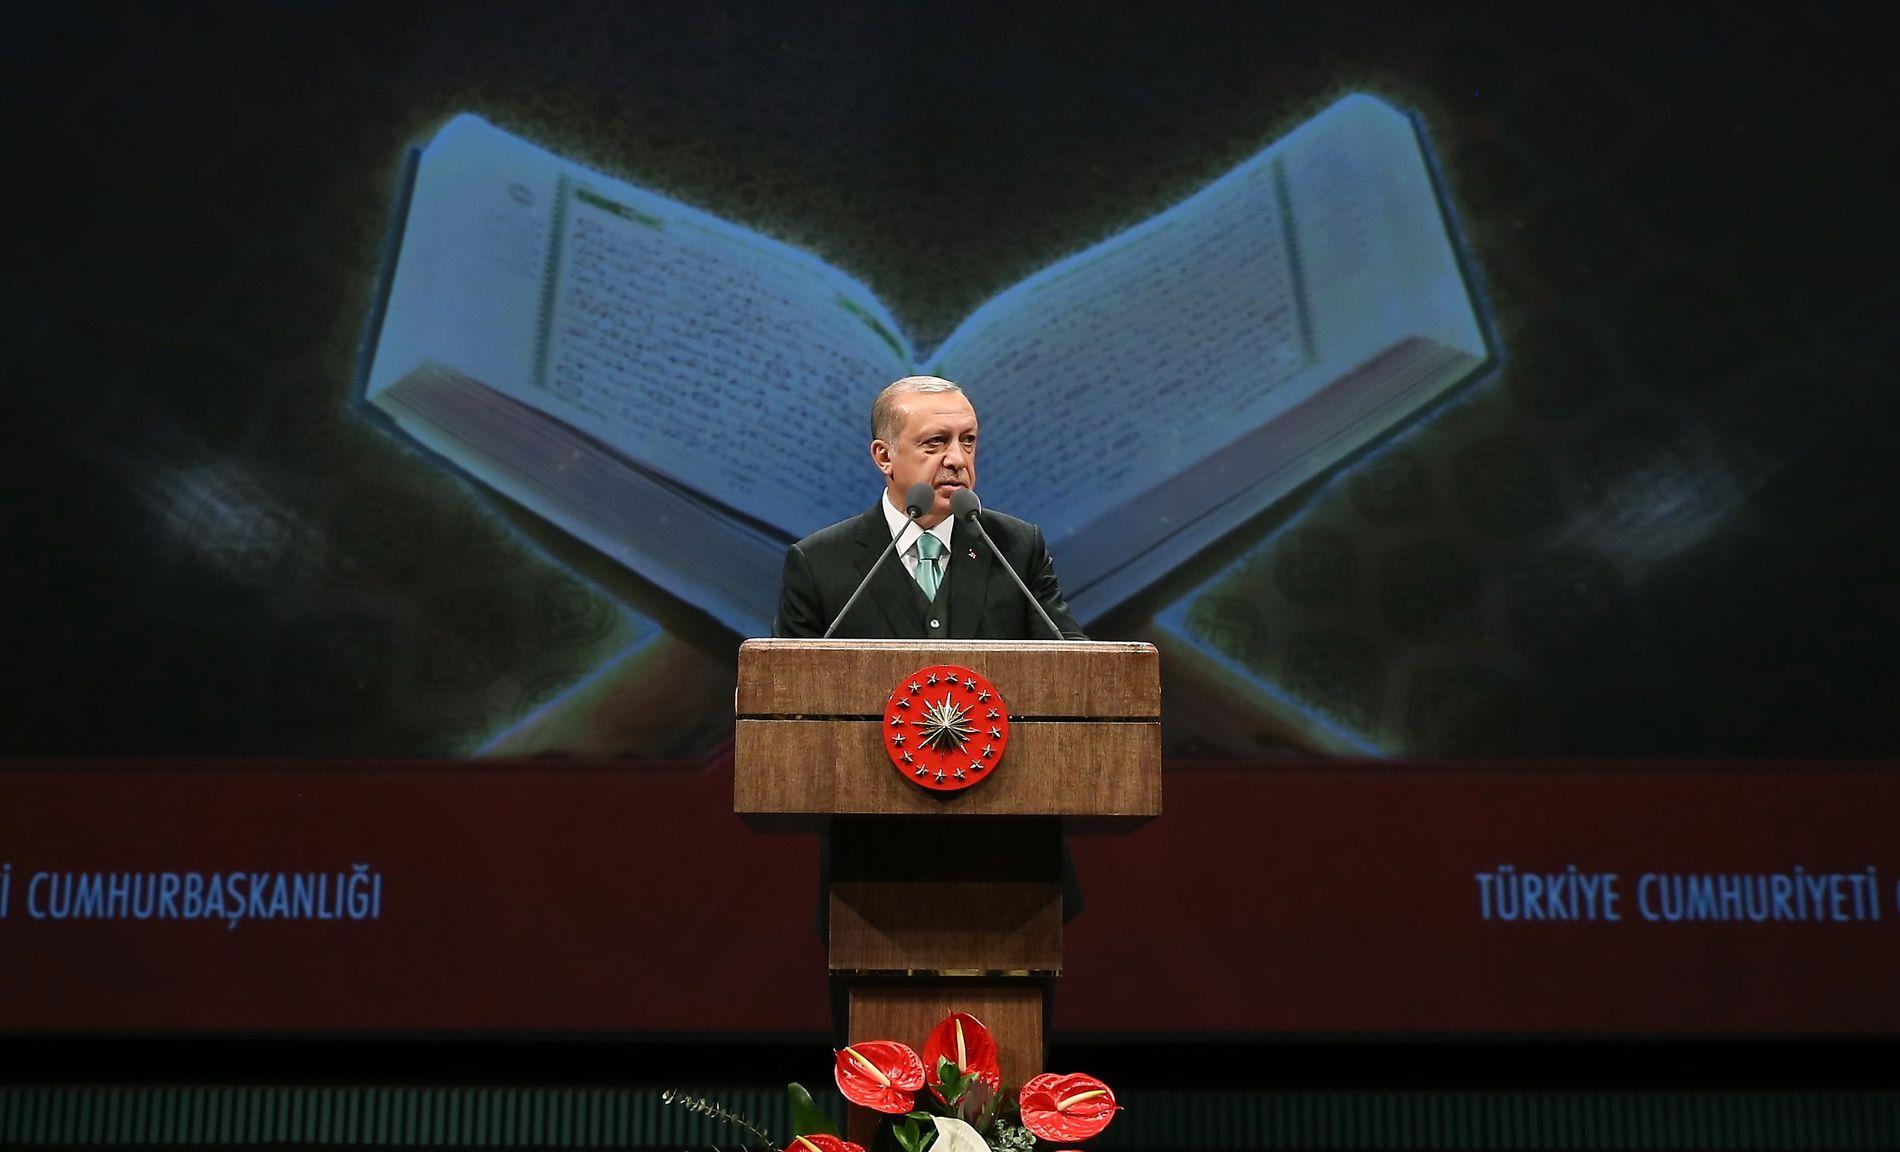 KORANEN BLIR VIKTIGERE: Tyrkias president Recep Tayyip Erdogan under åpningen av en konkurranse i å resitere fra koranen, som ble avholdt i Tyrkia i mai. Muslimenes hellige skrift har også fått en større plass i undervisningen.